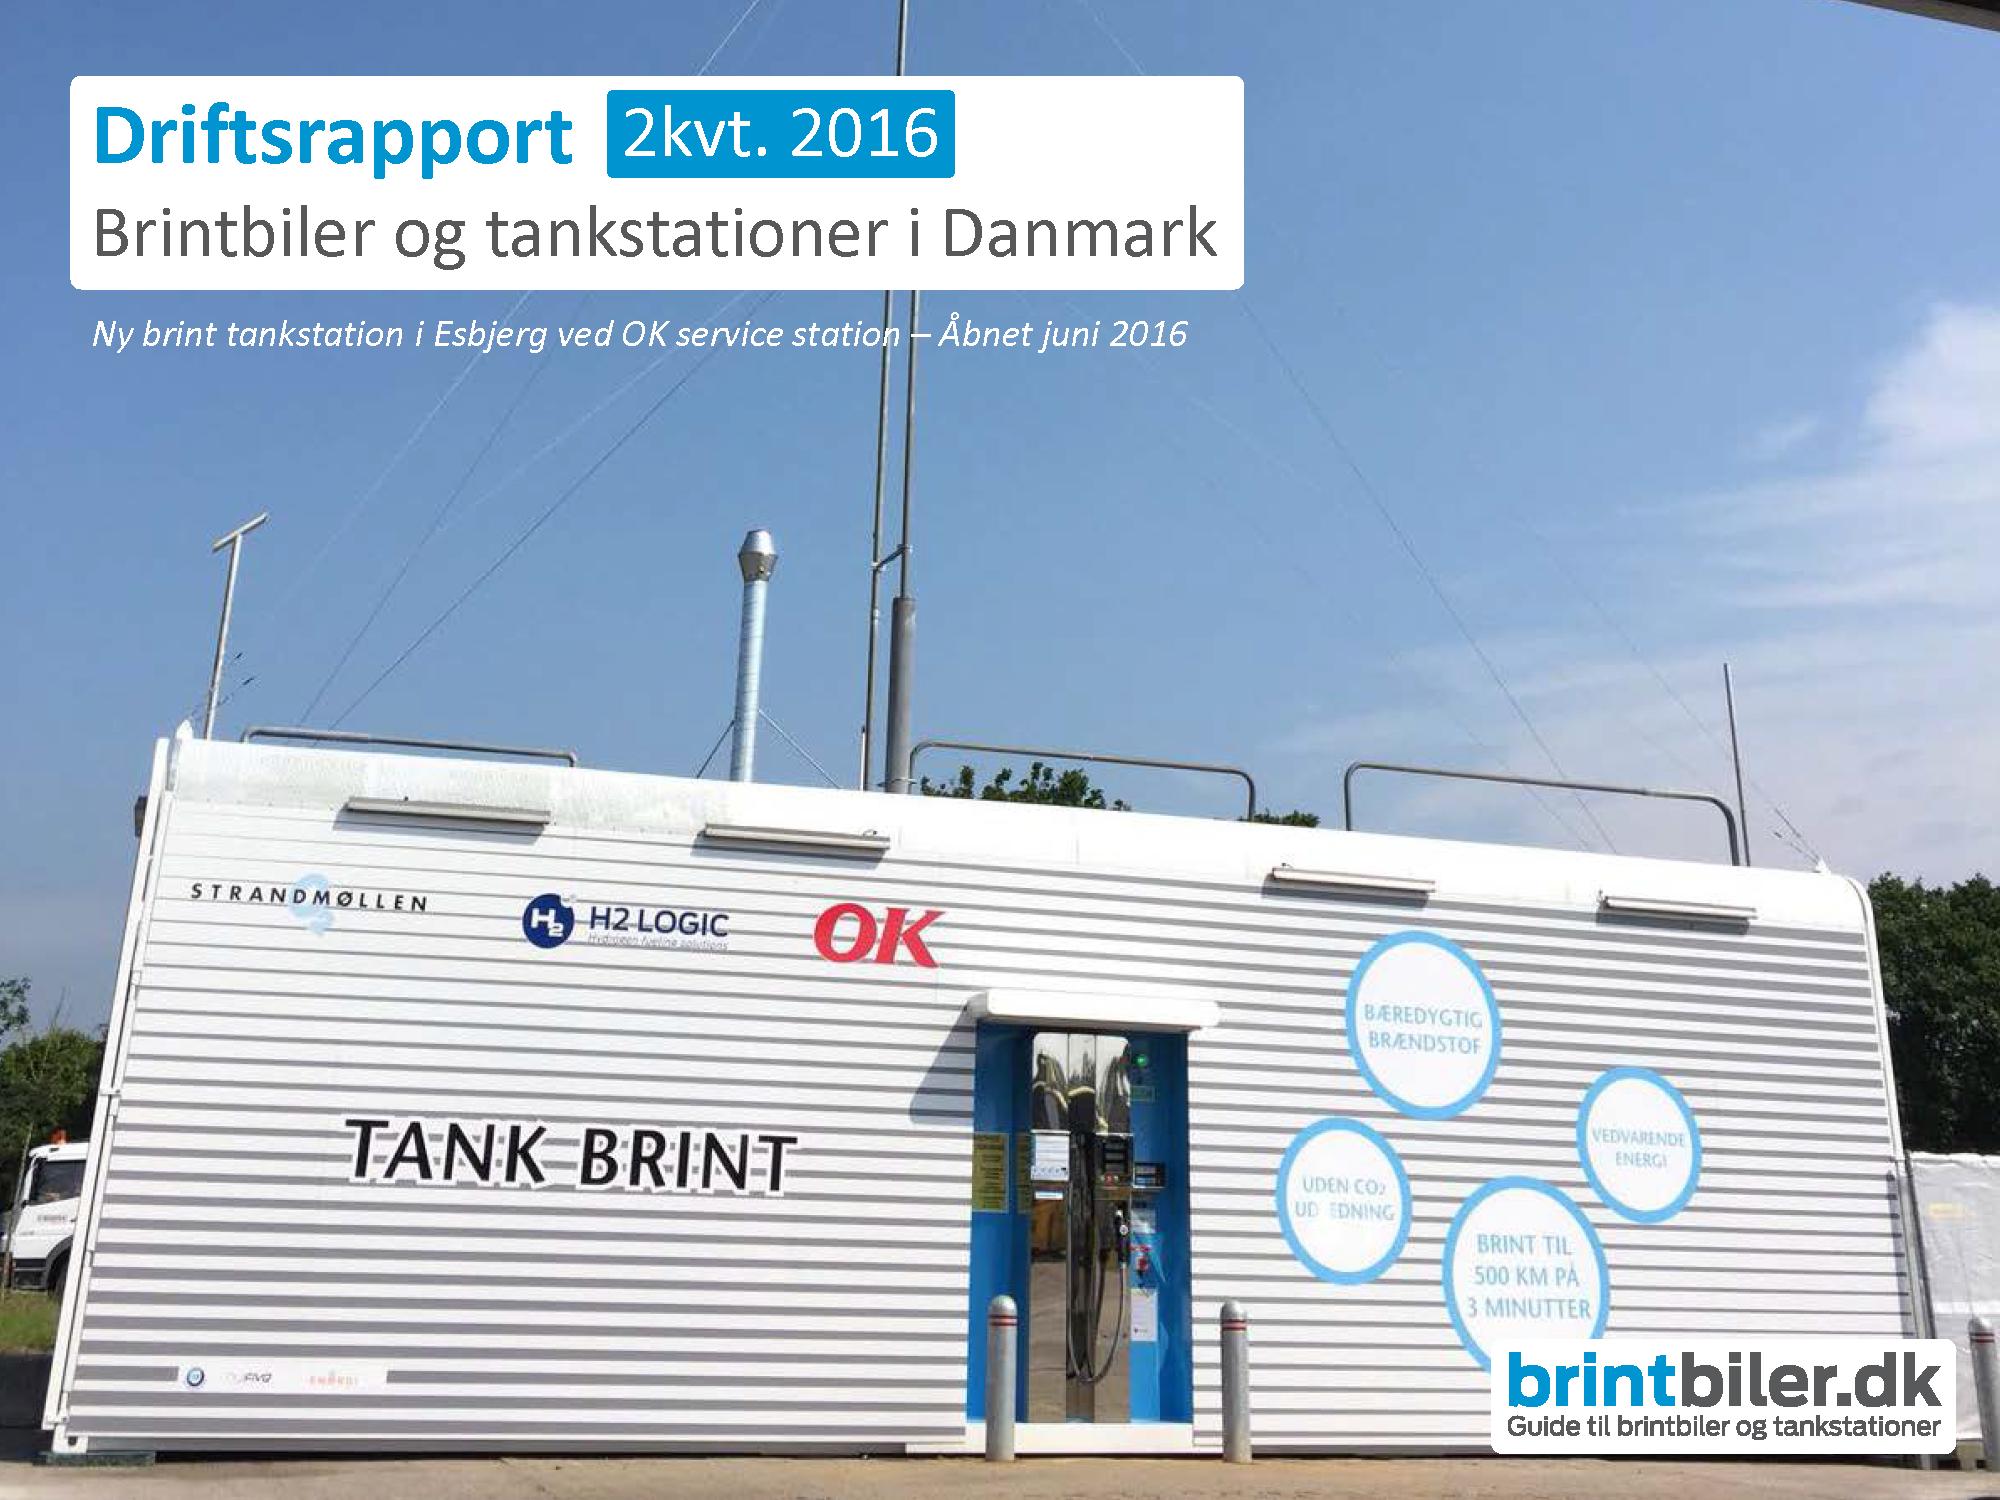 Driftsrapport-biler-tankstationer-2kvt-2016